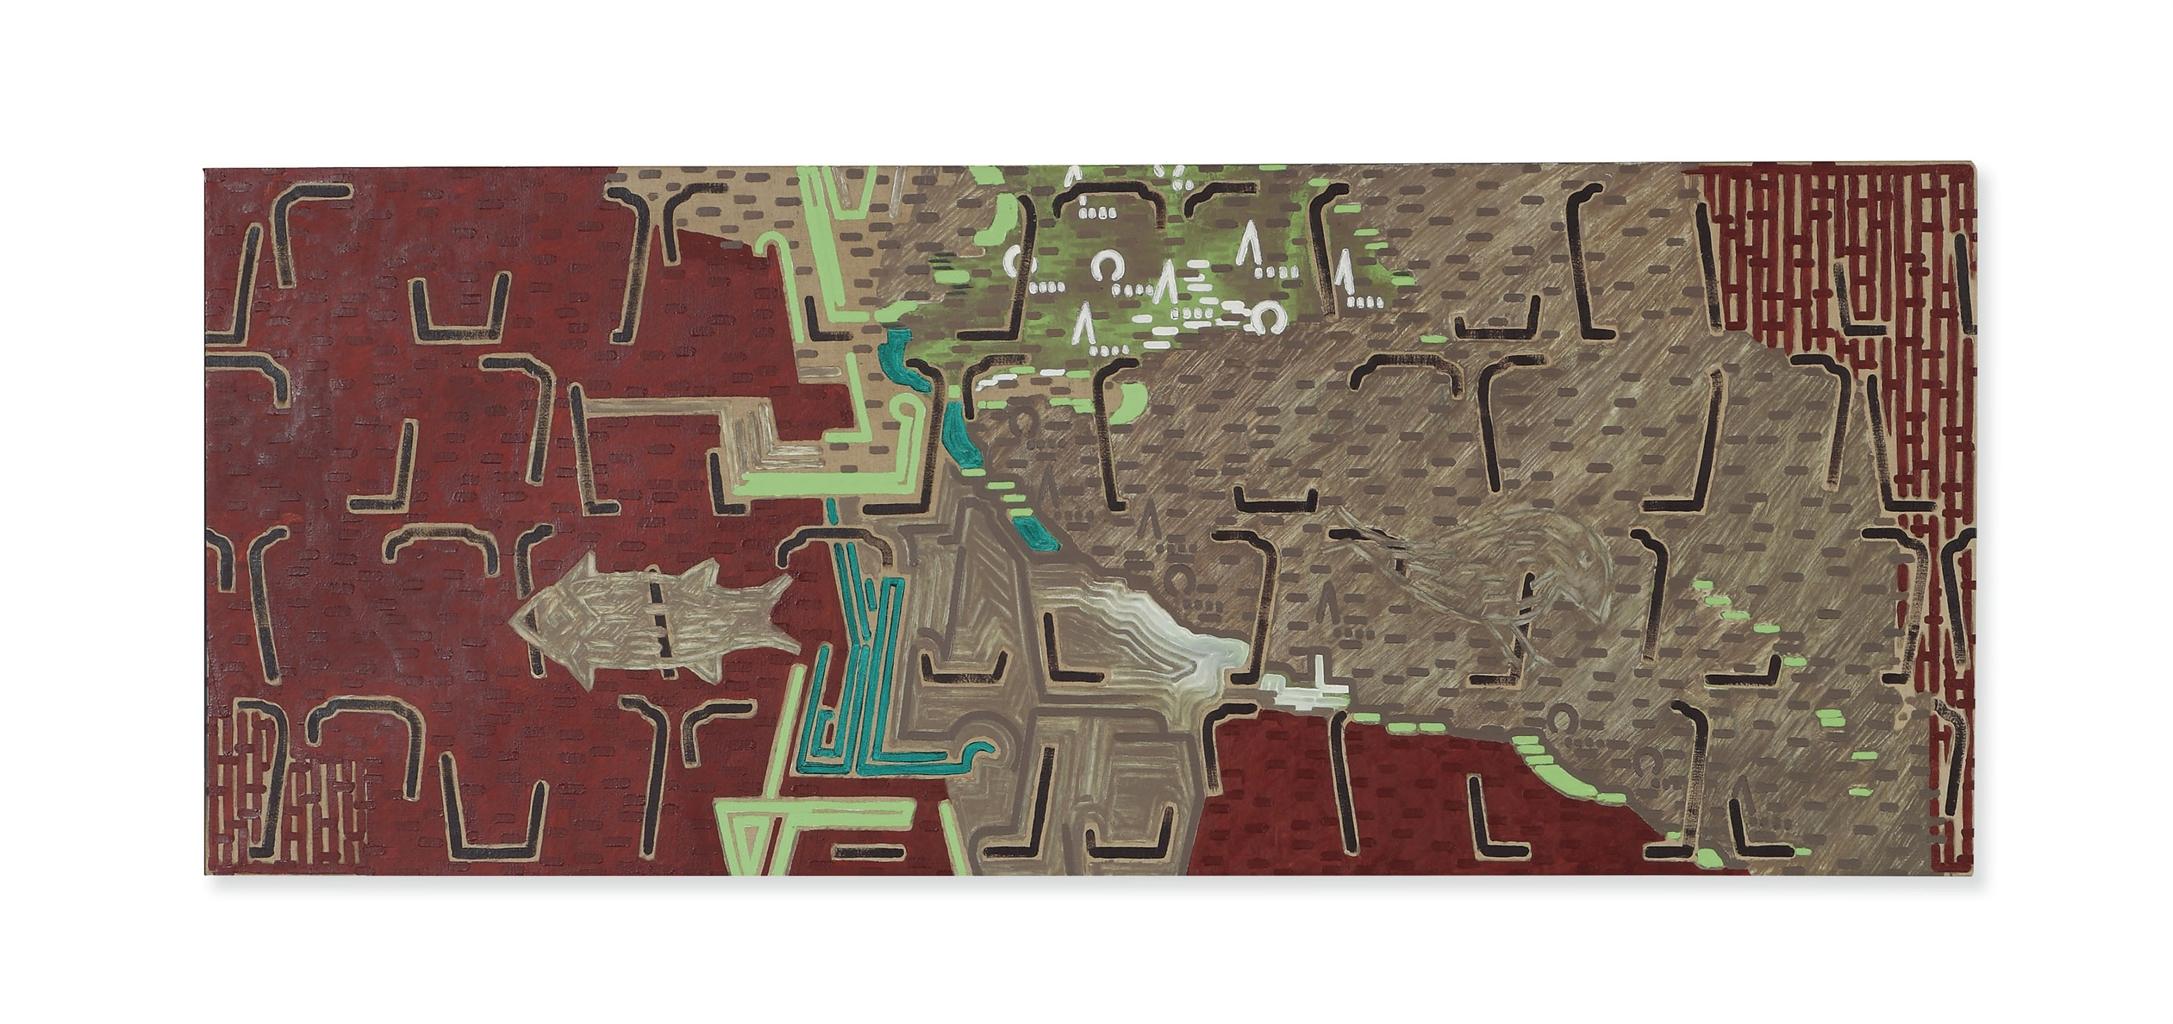 Axel Kassebohmer-Stilleben Mit Landkarte (Still Life With Map)-1989